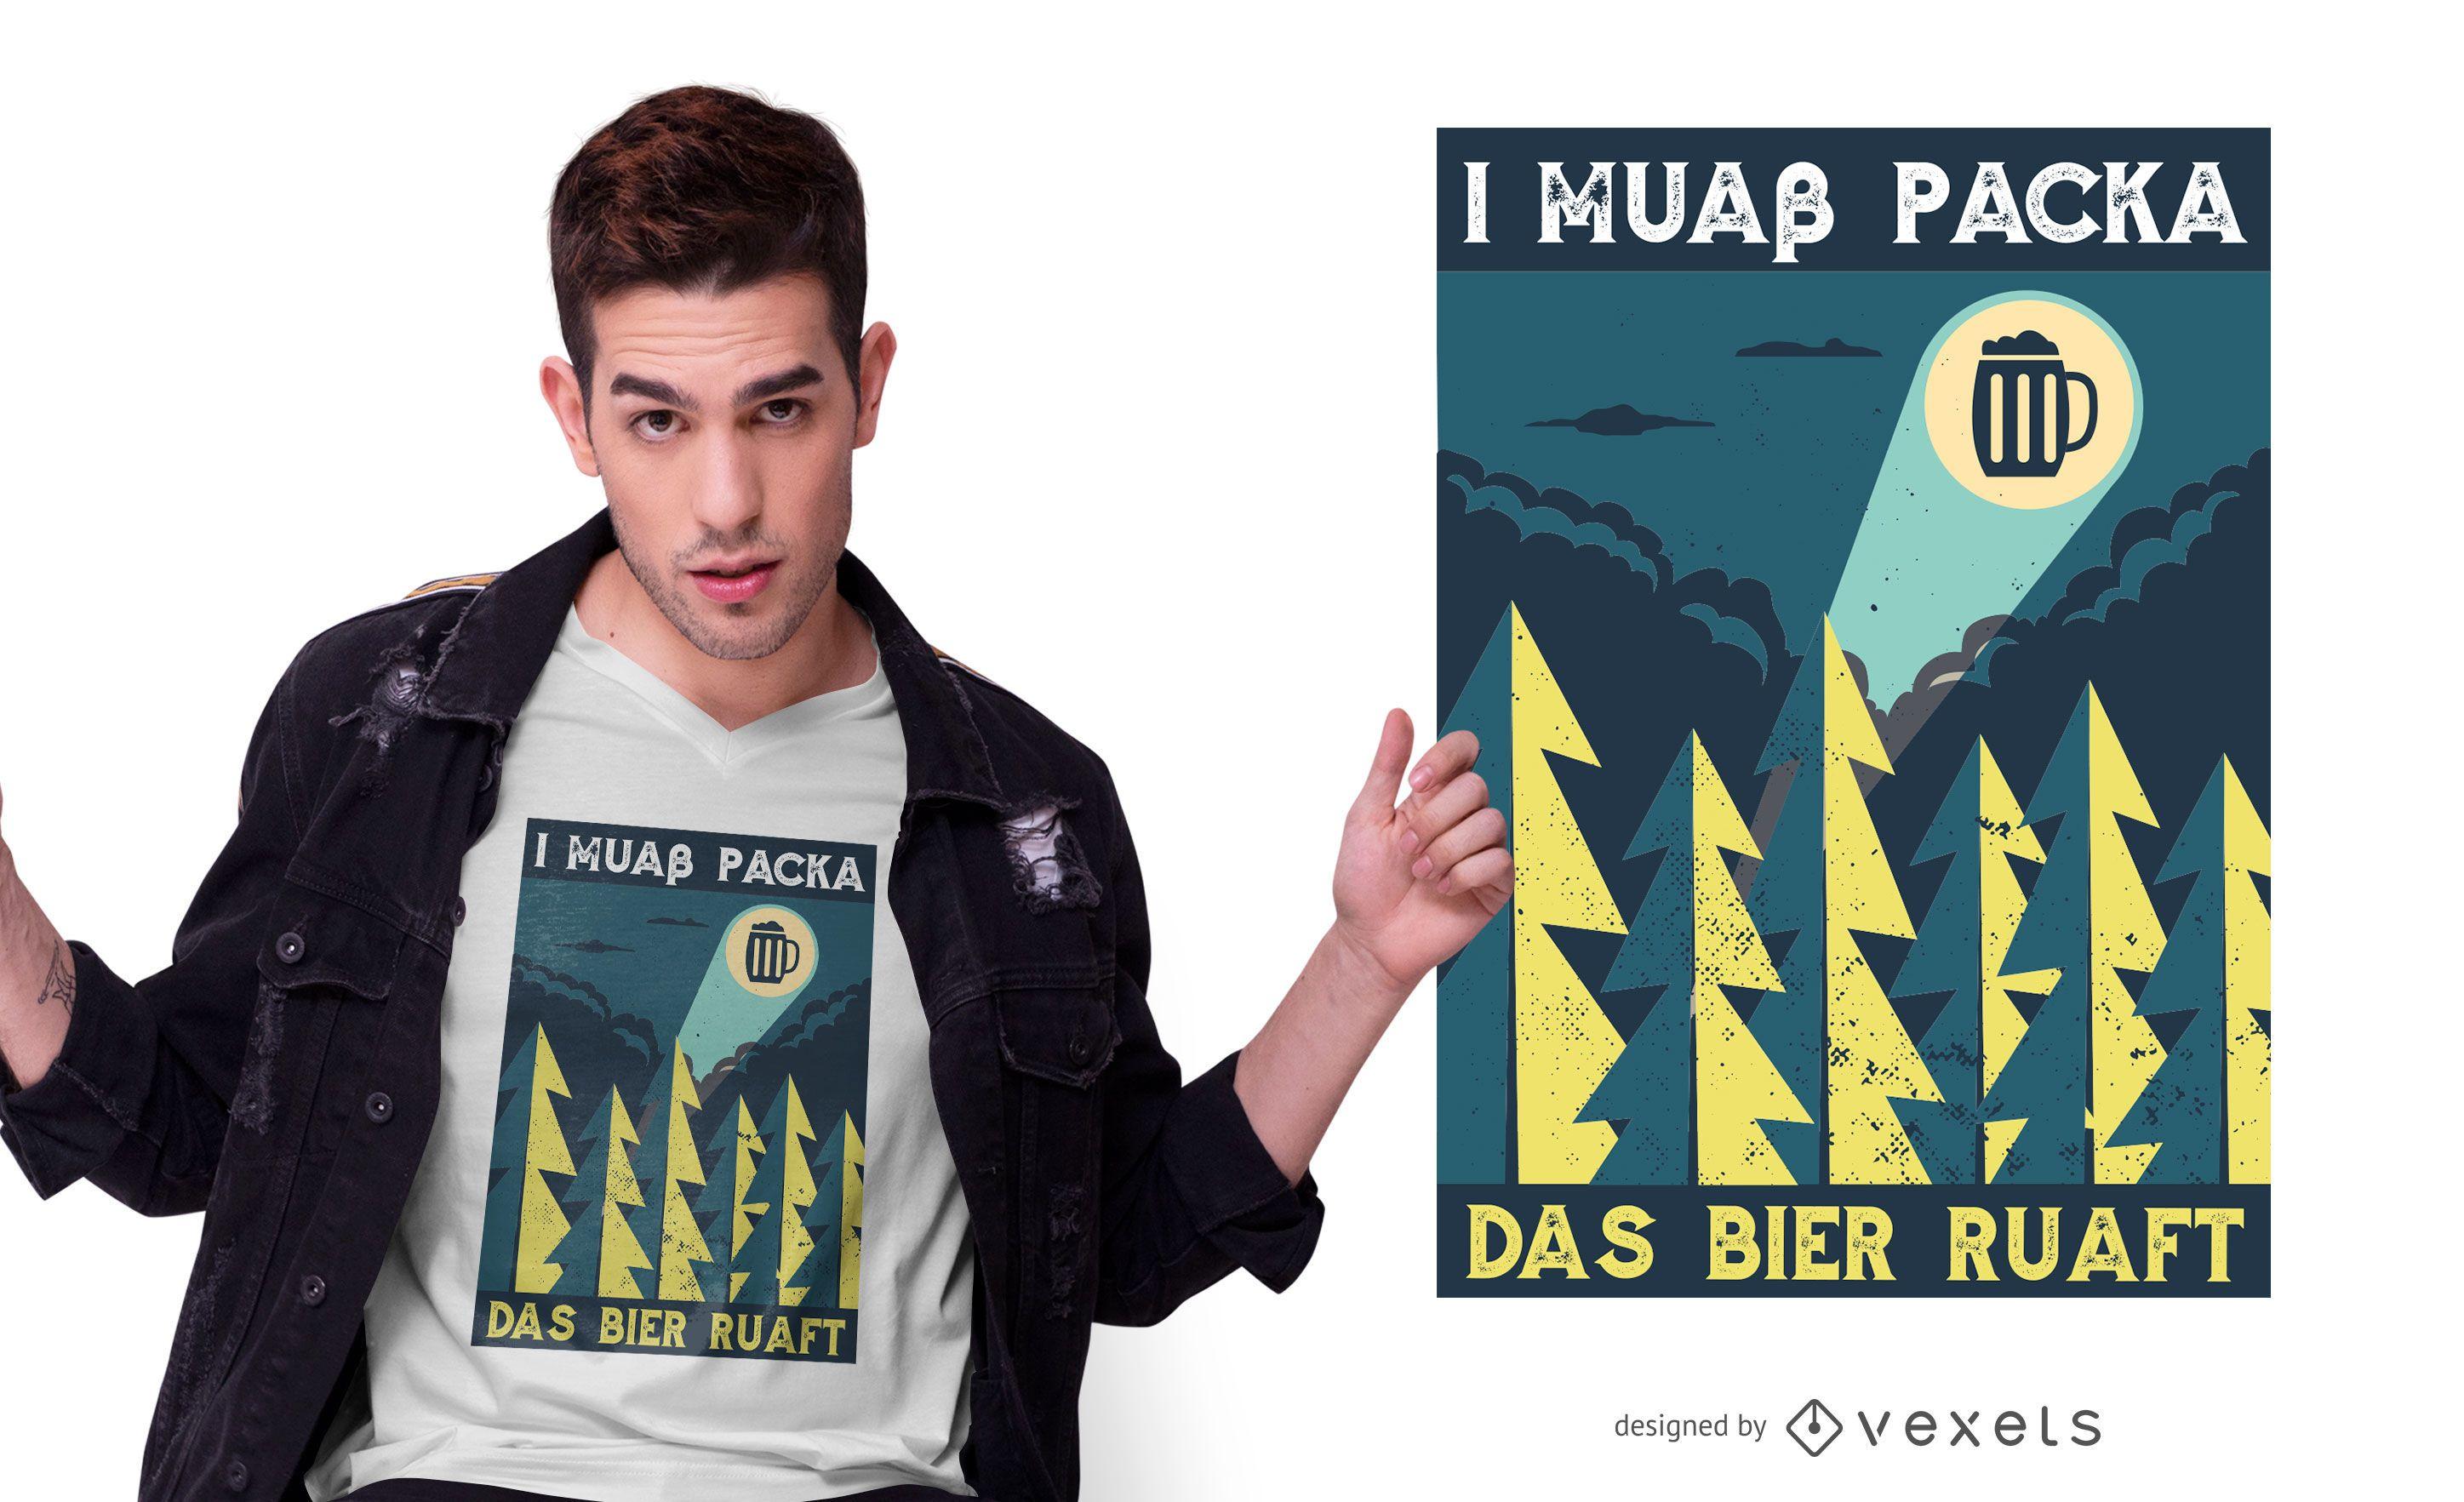 Bayerisches lustiges Bier-Zitat-T-Shirt Design